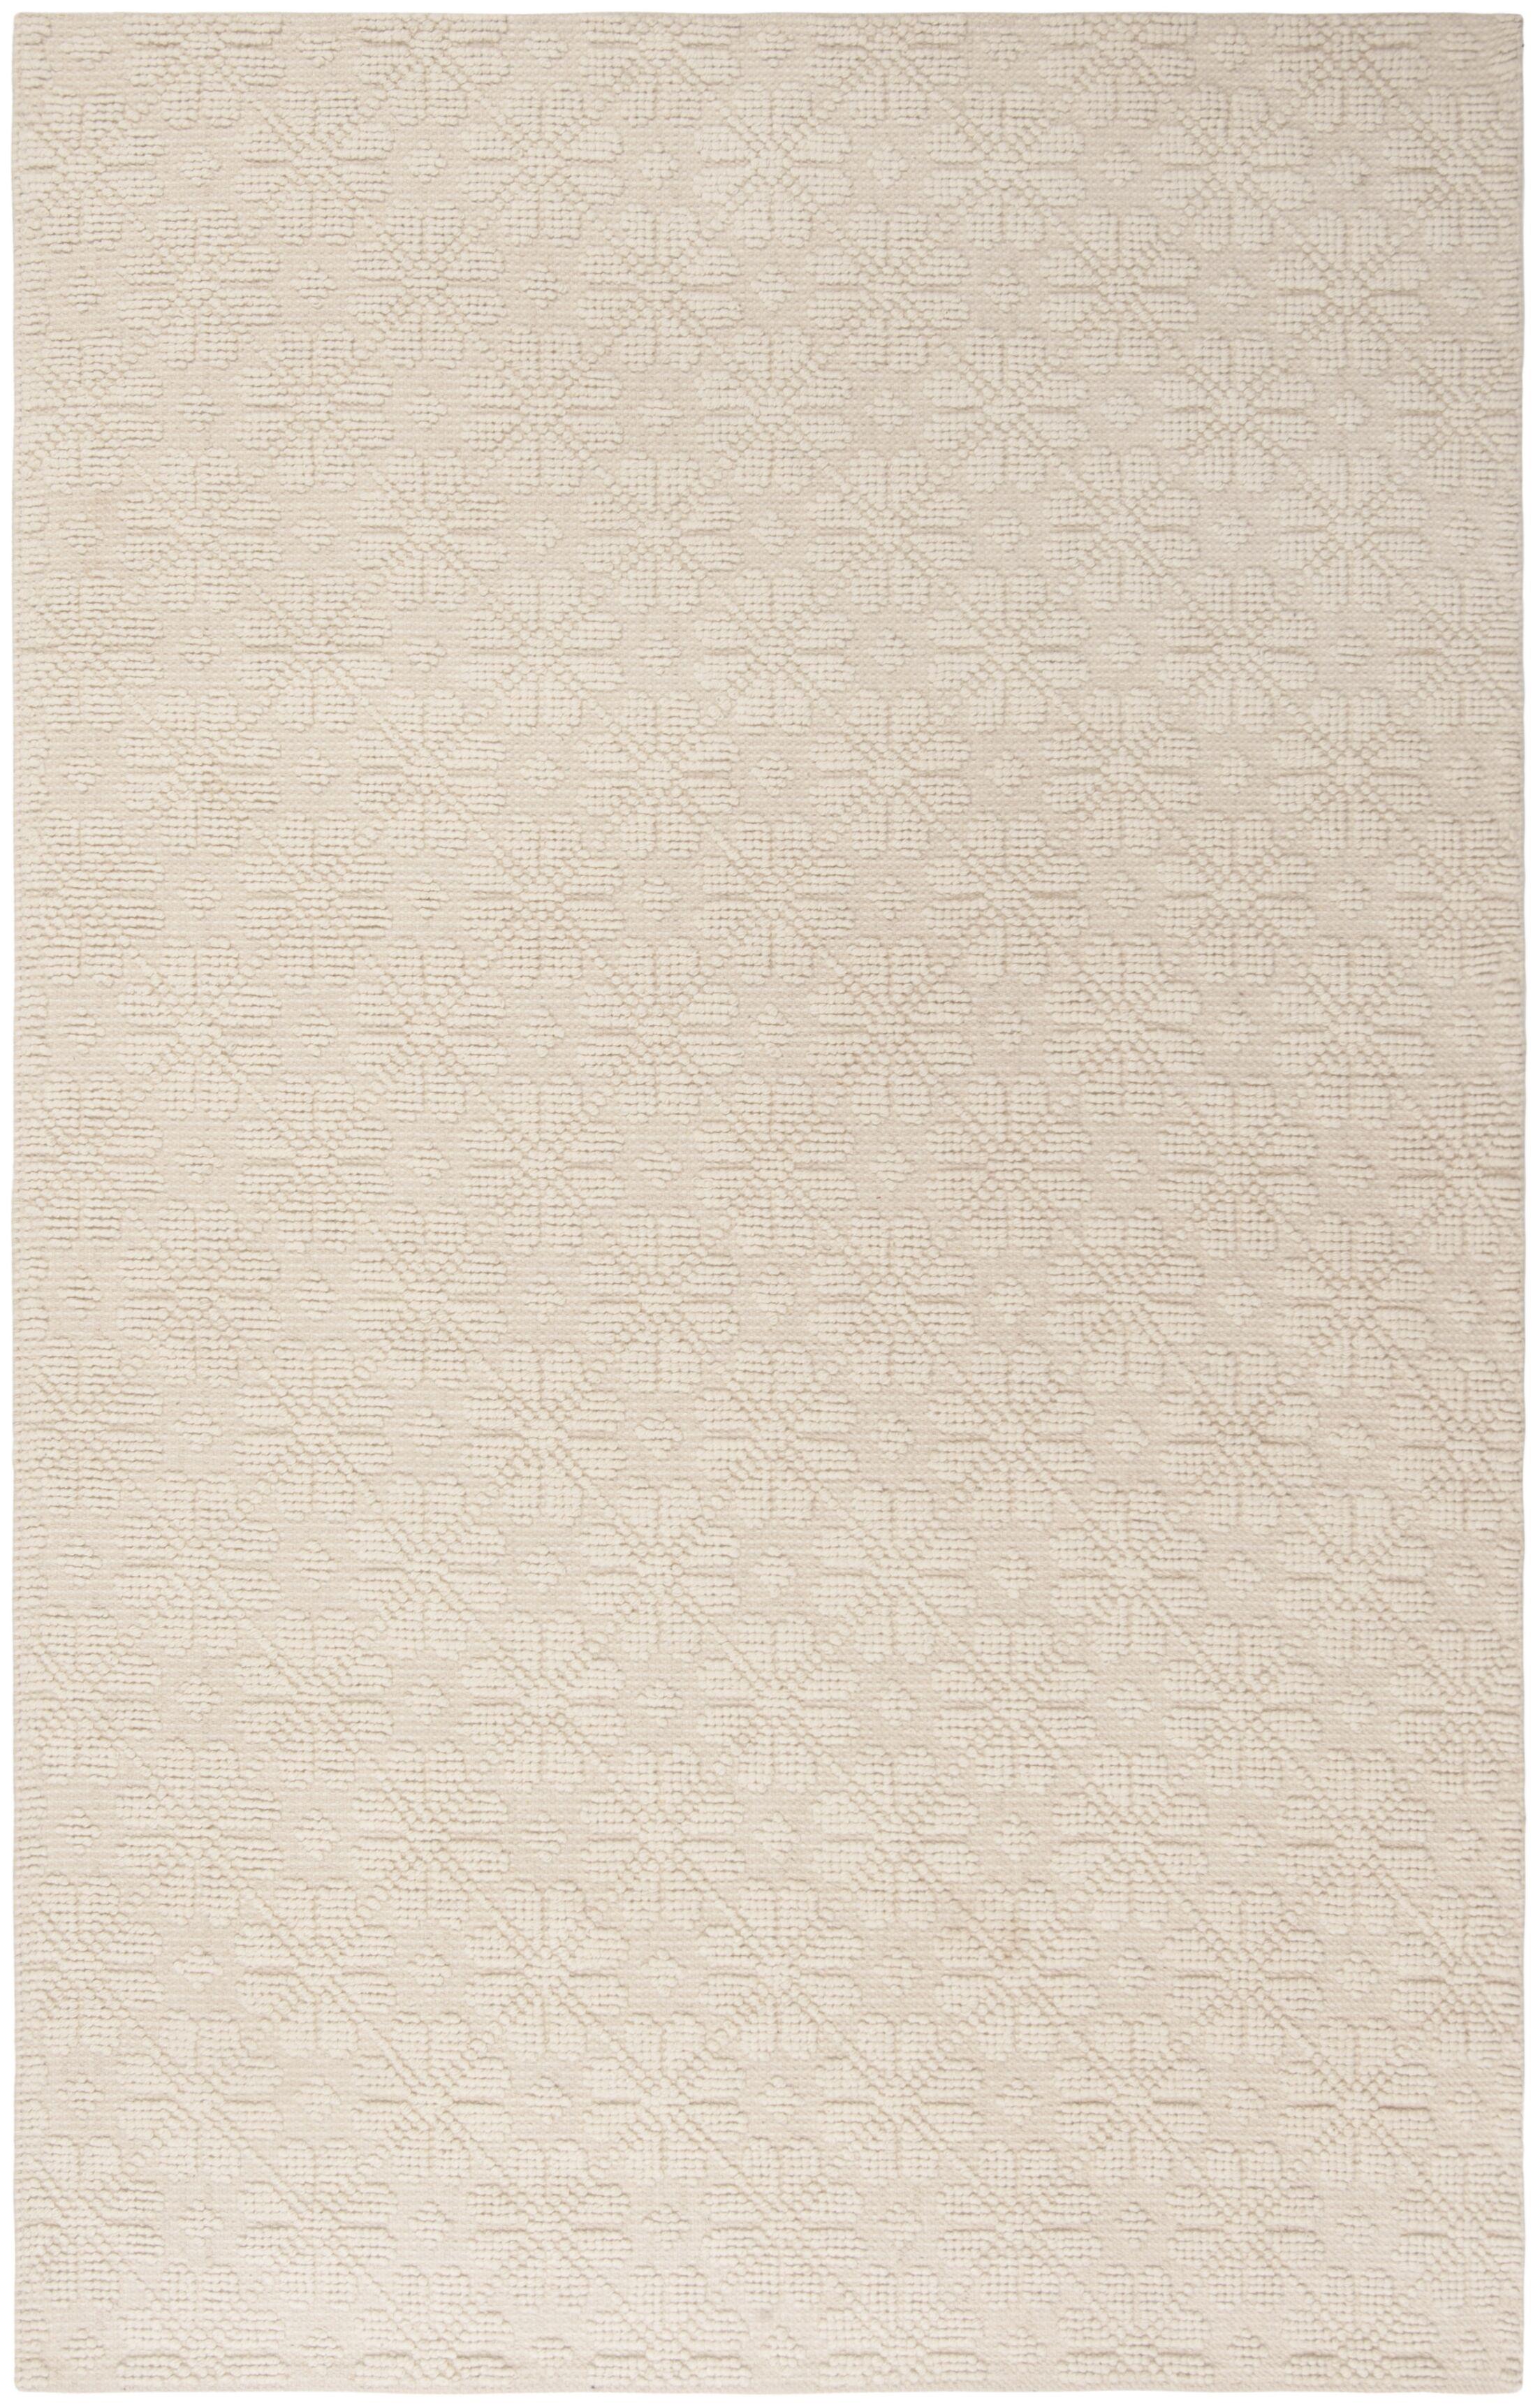 Kelton Hand-Woven Wool Ivory Area Rug Rug Size: Rectangle 2'3